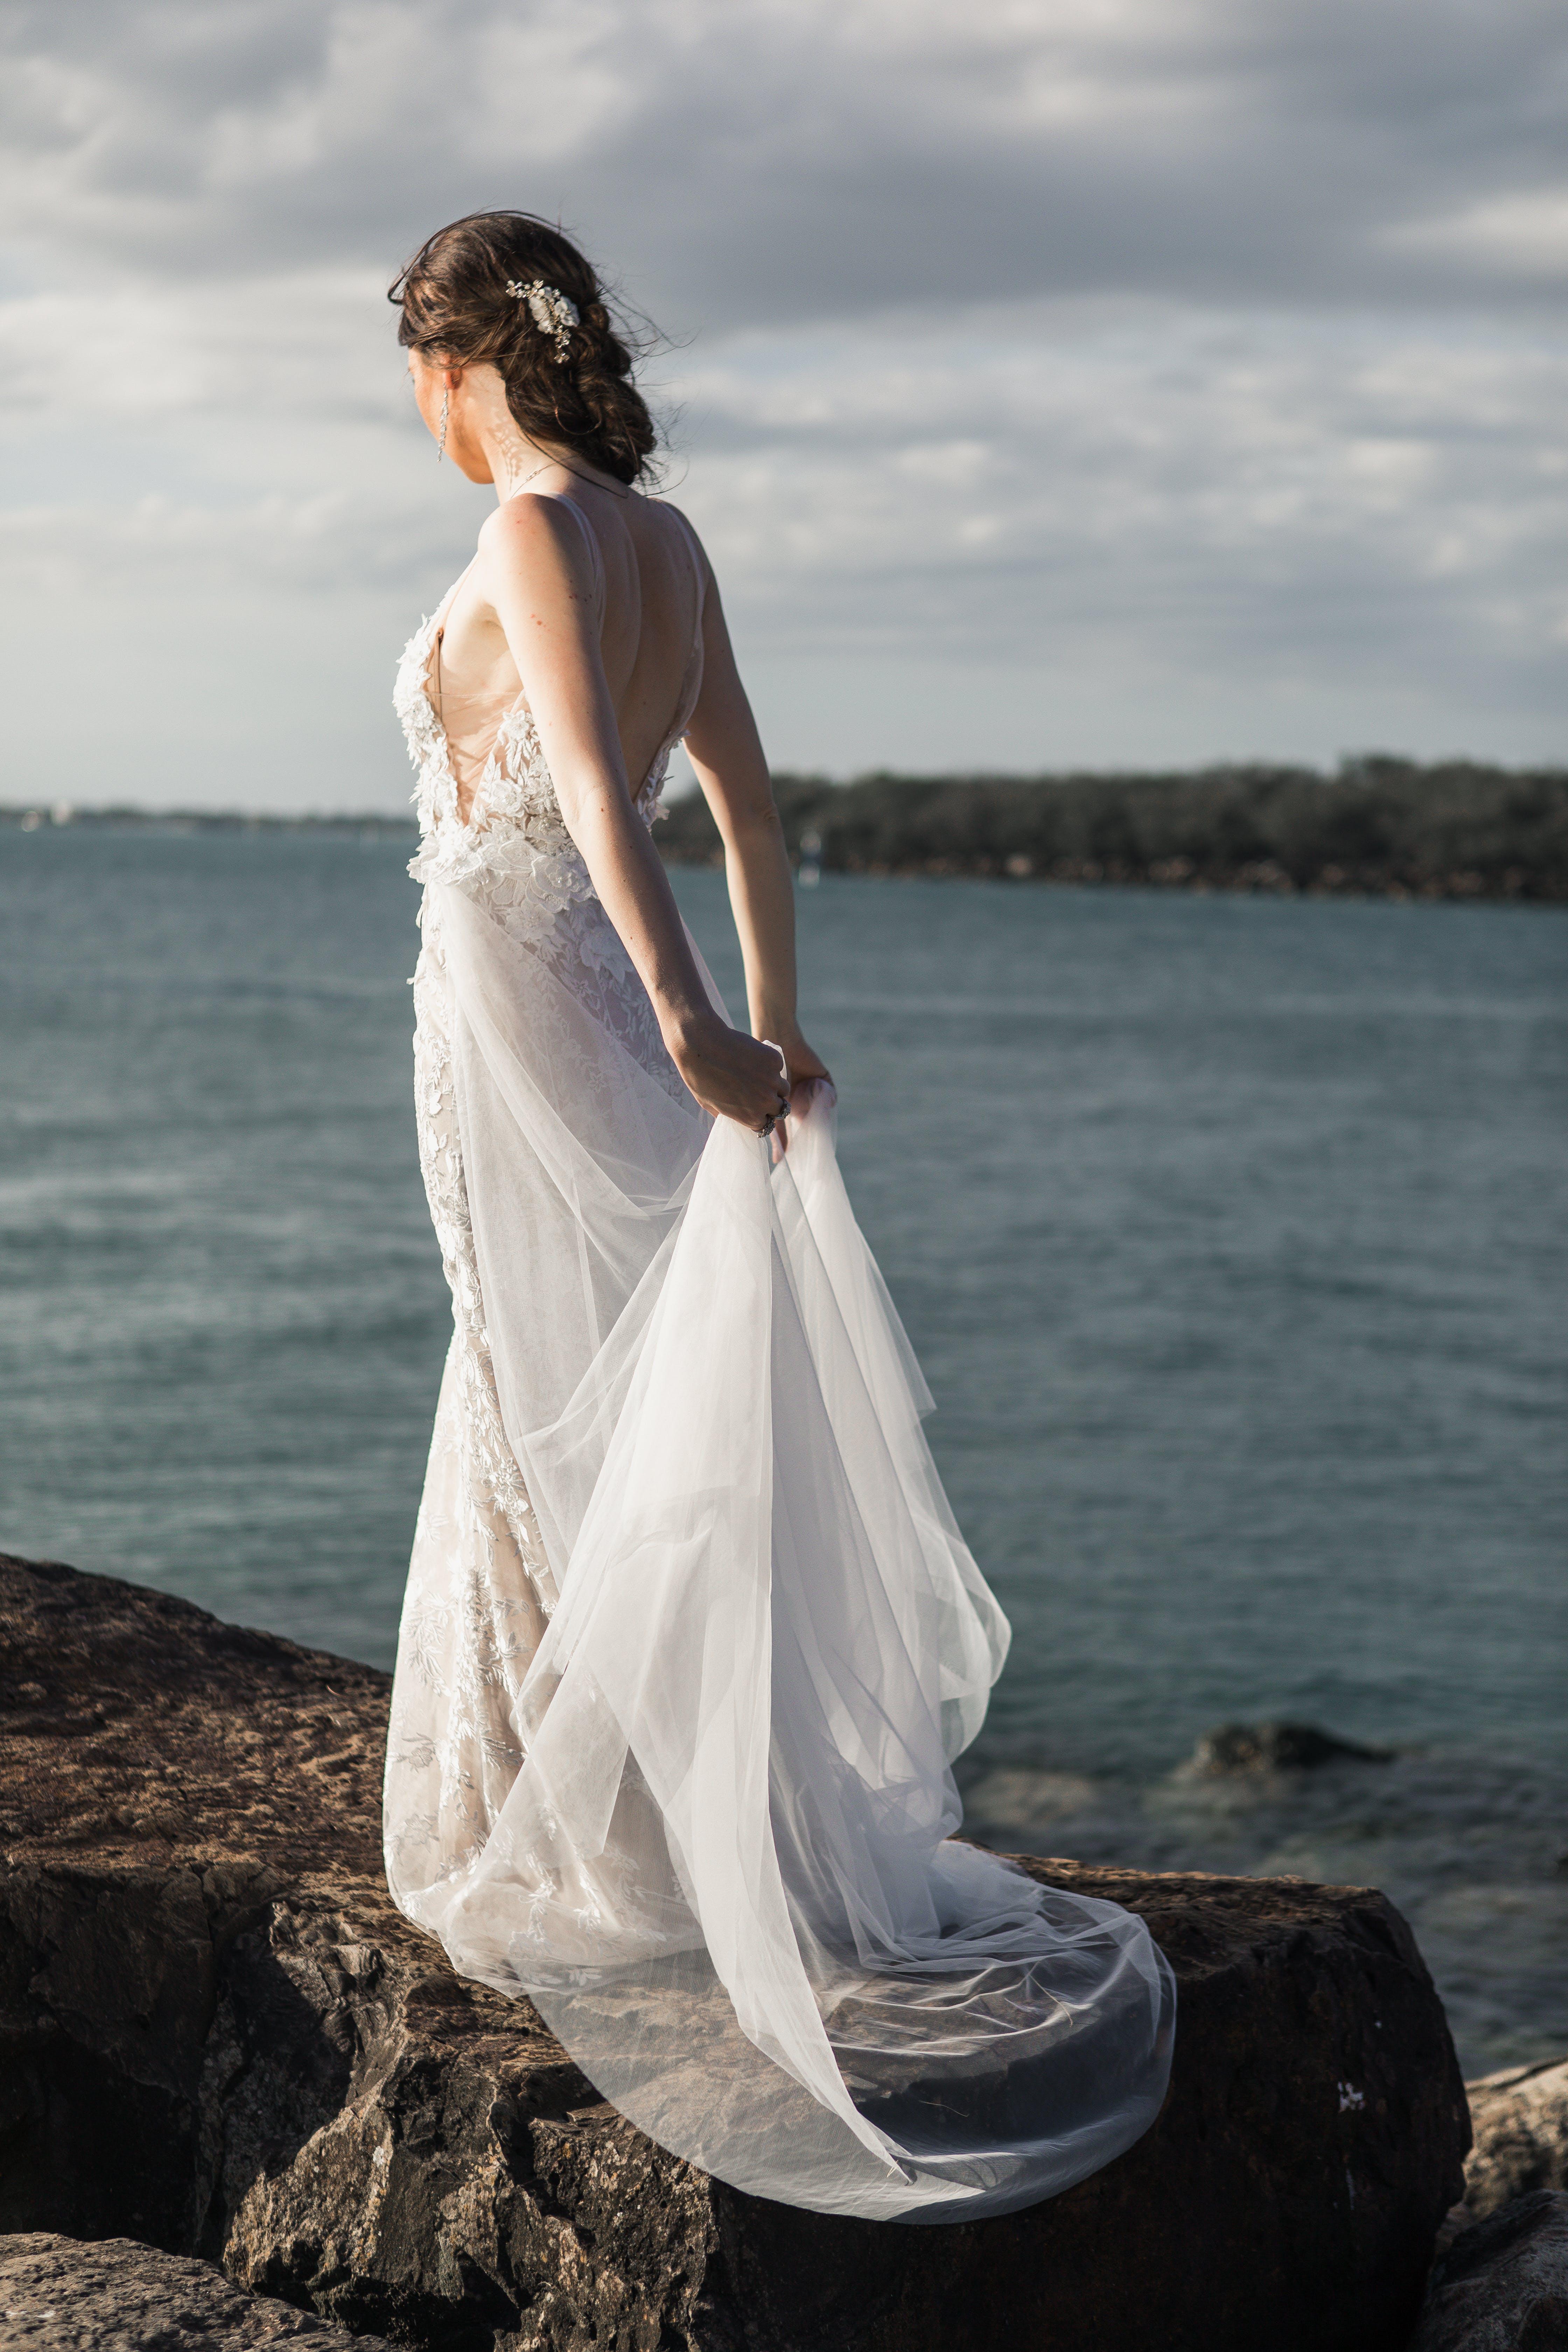 Kostnadsfri bild av bröllopsklänning, brud, ha på sig, hav